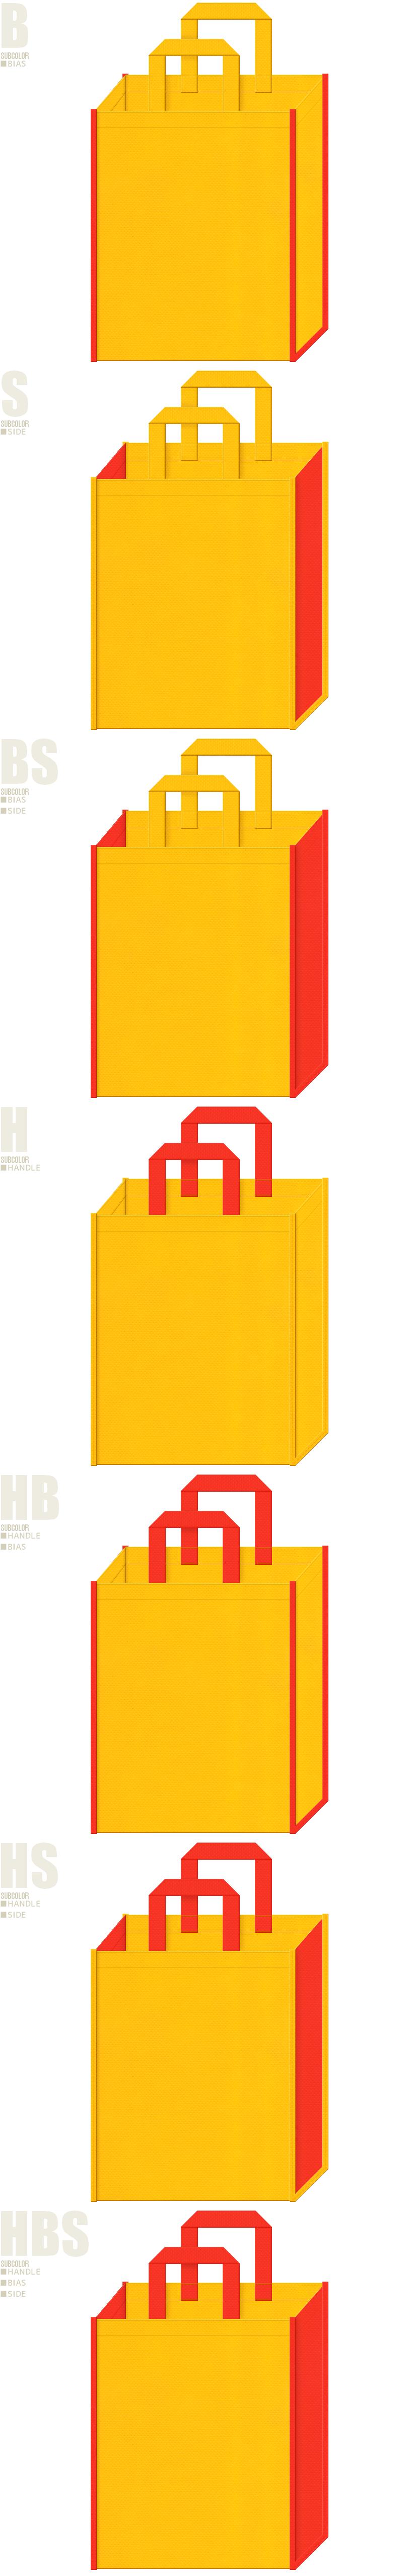 キッチン用品、サプリメントの展示会用バッグにお奨めの黄色とオレンジ色、7パターンの不織布トートバッグ配色デザイン例。